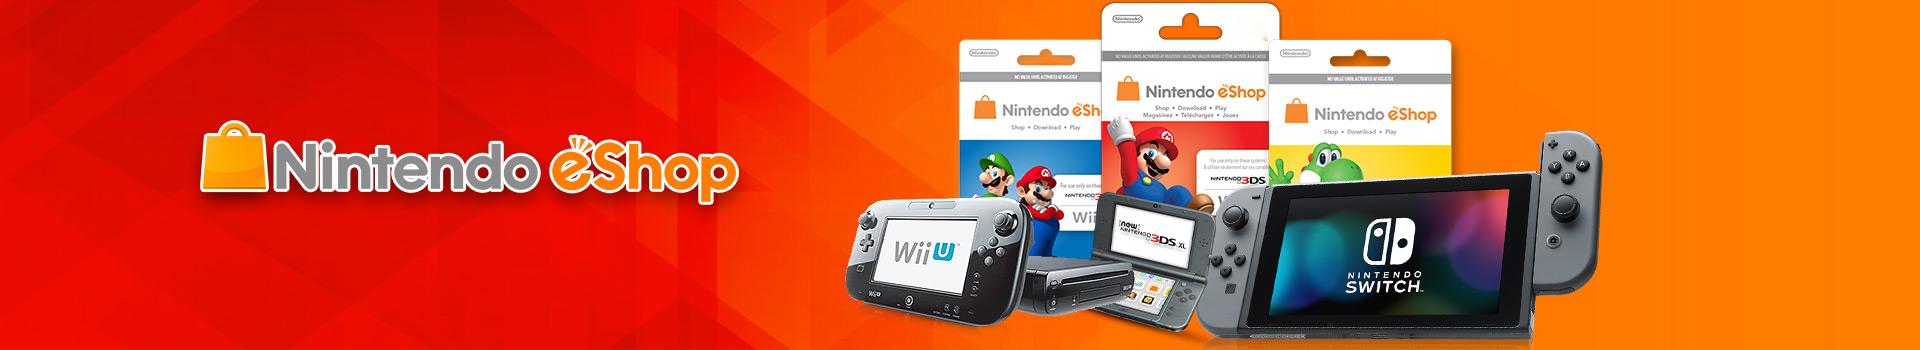 Buy Nintendo eShop Card